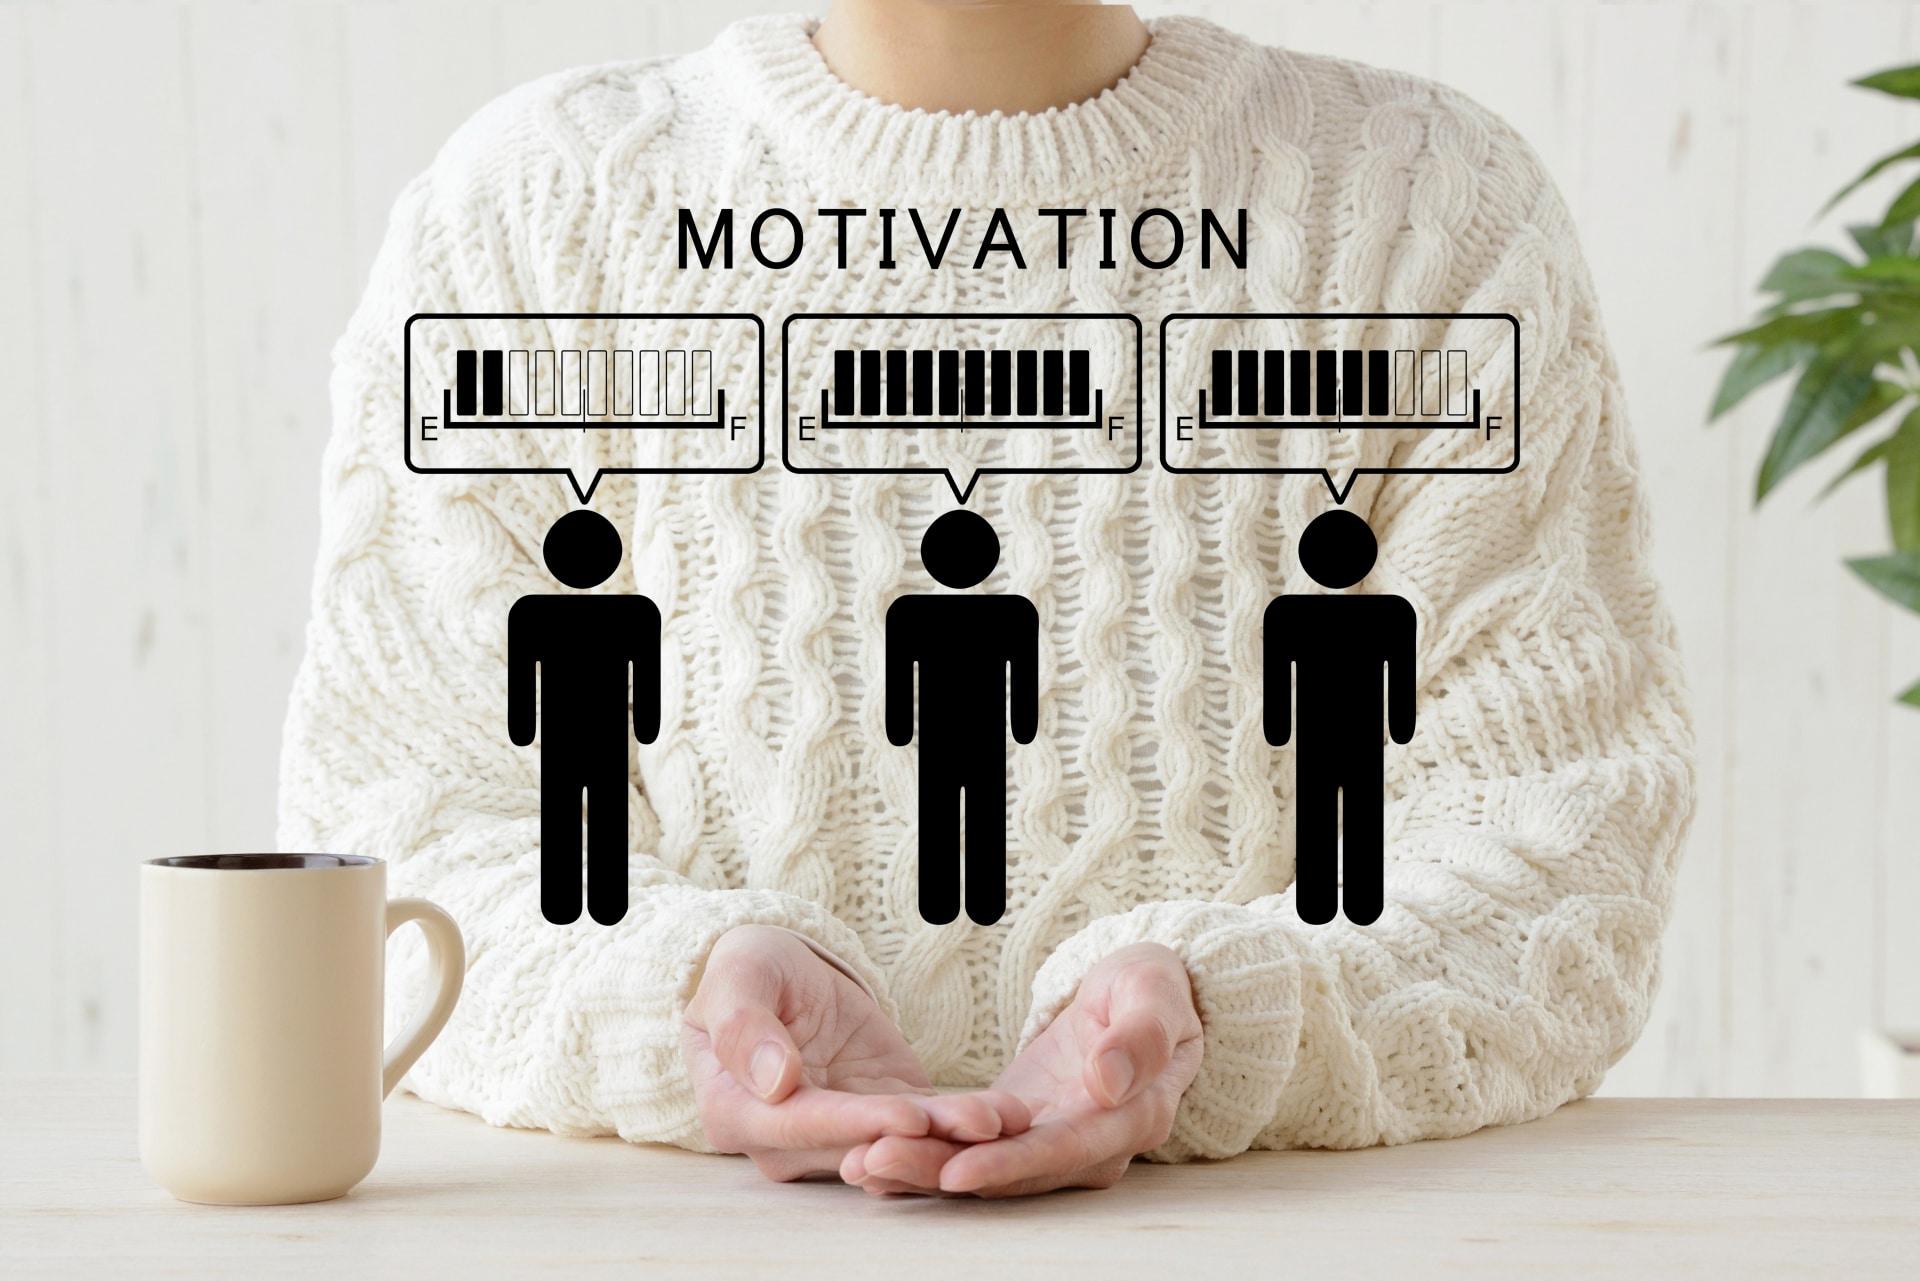 モチベーションの文字、人型のピクトグラム、セーターを着た女性